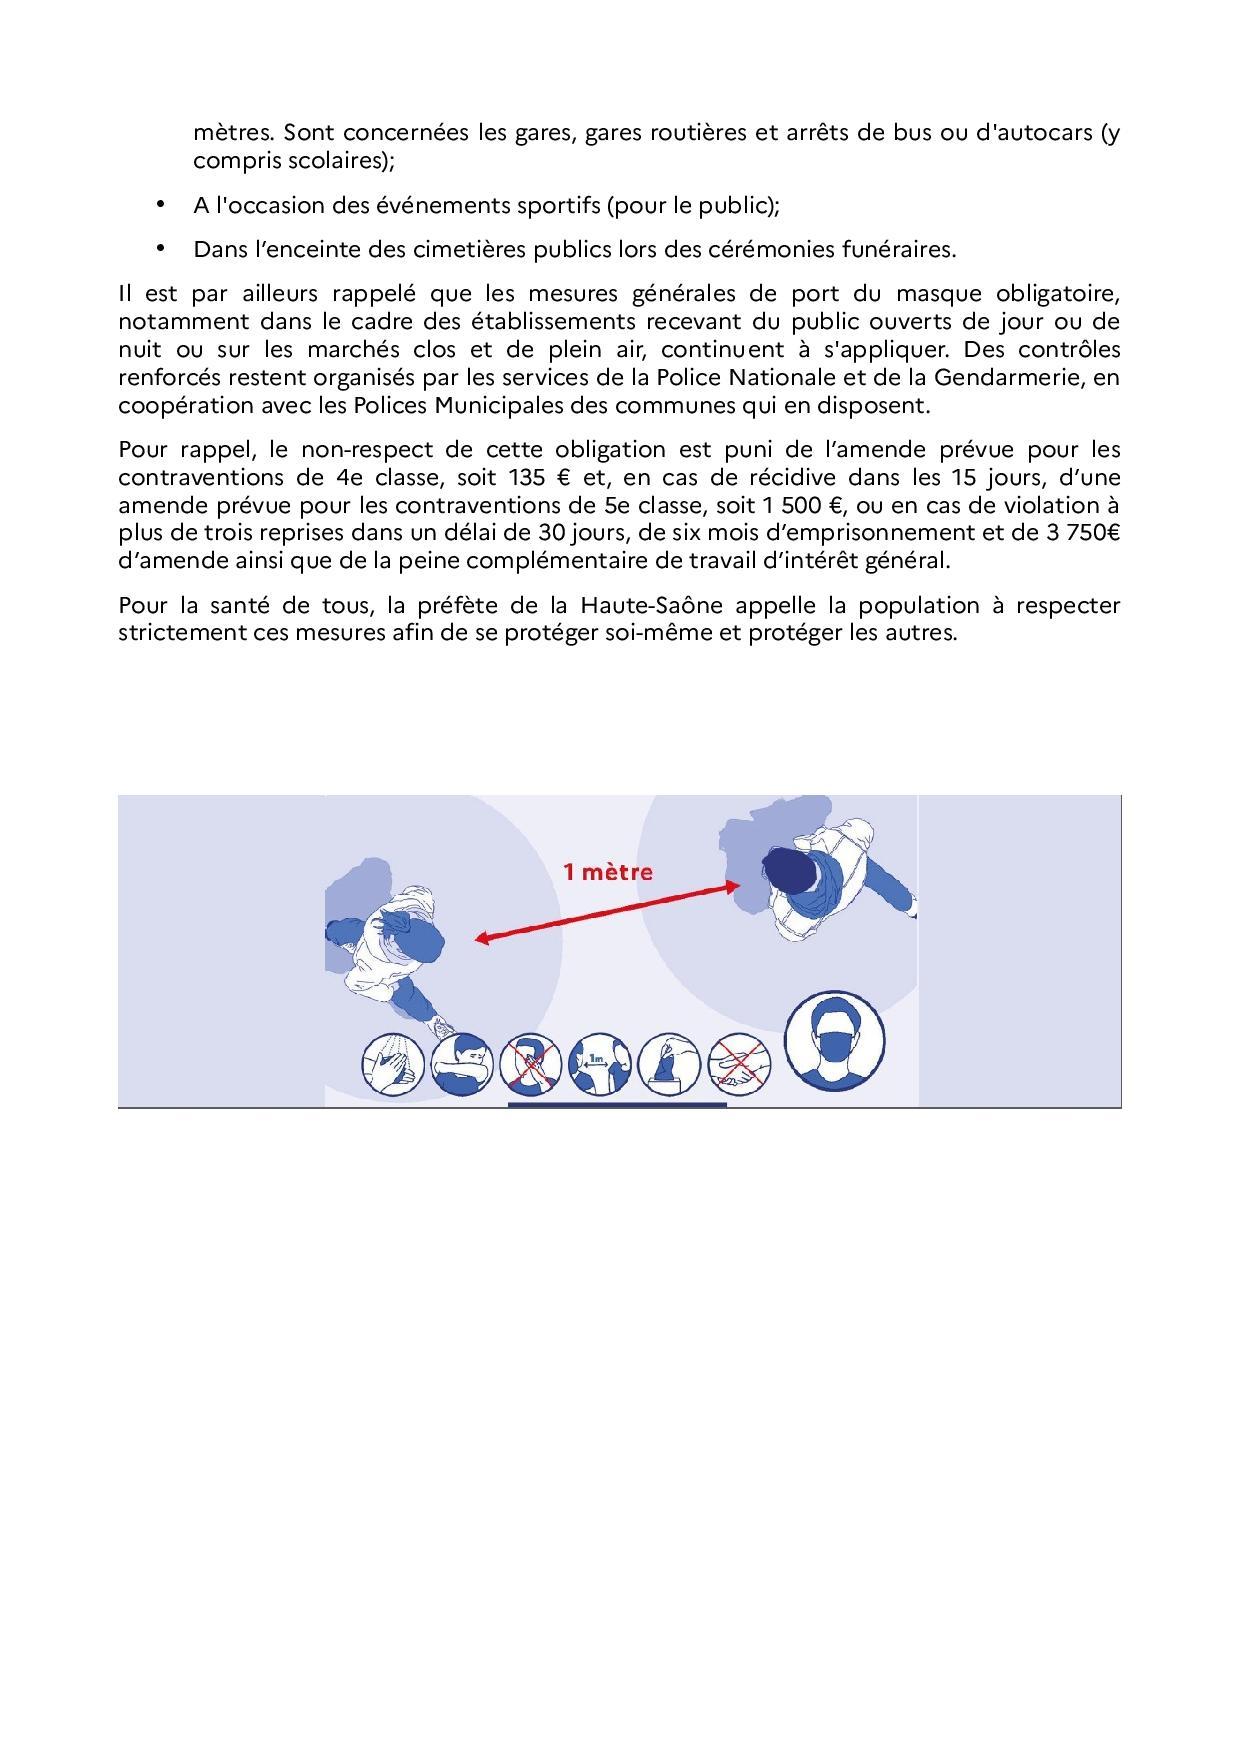 https://www.villers-les-luxeuil.com/projets/villers/files/images/2020_Mairie/Divers/CP_2020_10_17_Extension_du_port_obligatoire_du_masque_page_002.jpg